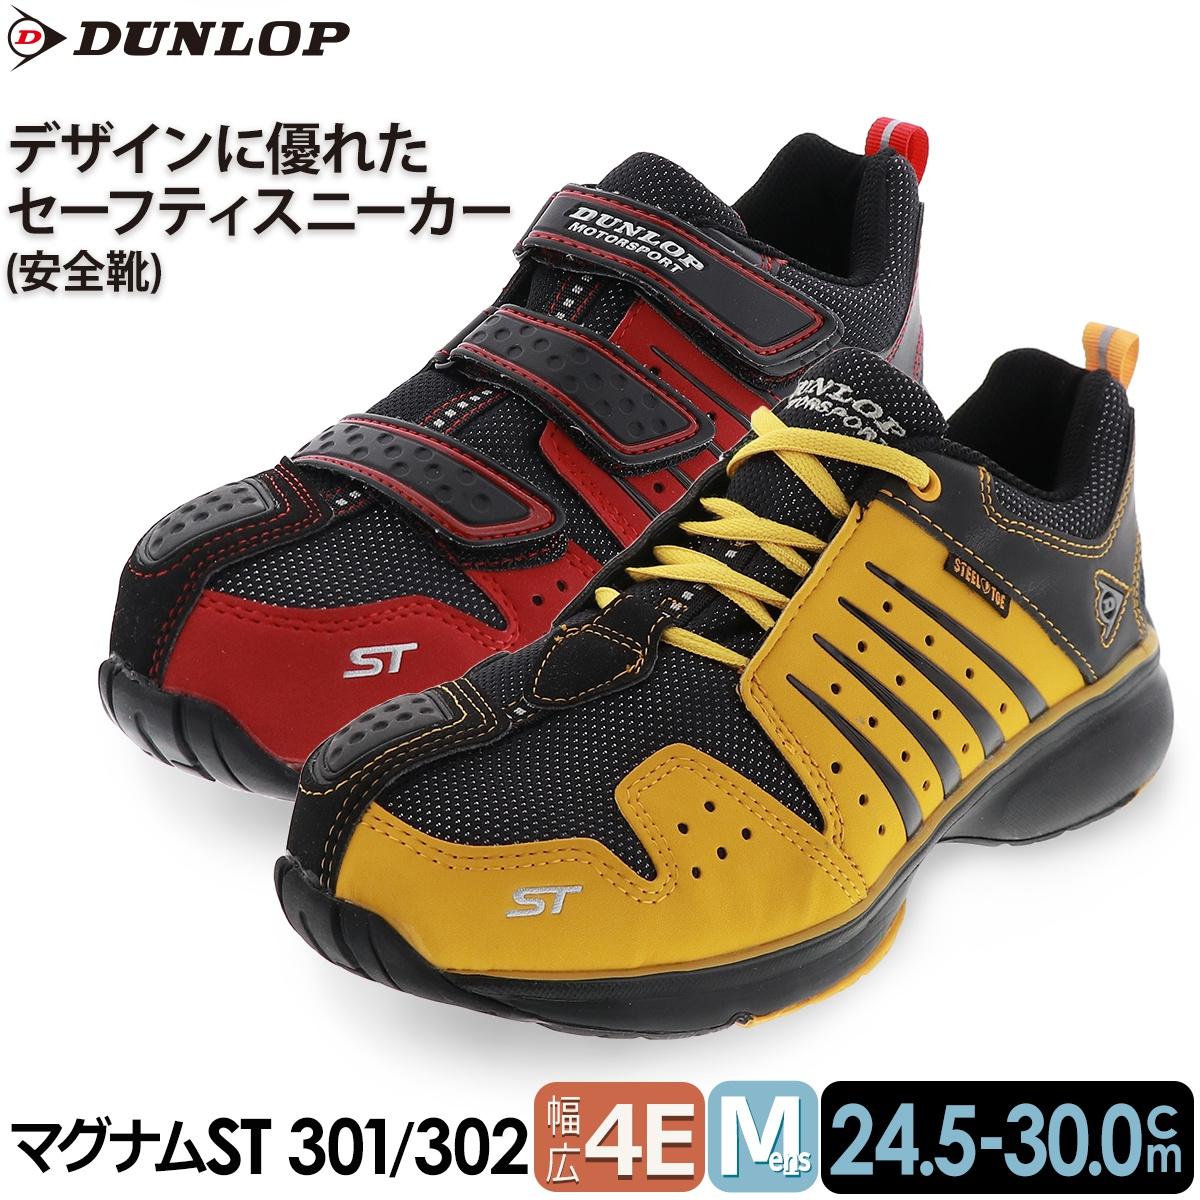 安全靴 メンズ セーフティー スニーカー 作業靴 ダンロップ DUNLOP マグナム ST 301/302 イエロー レッド 軽量 幅広 つま先安心